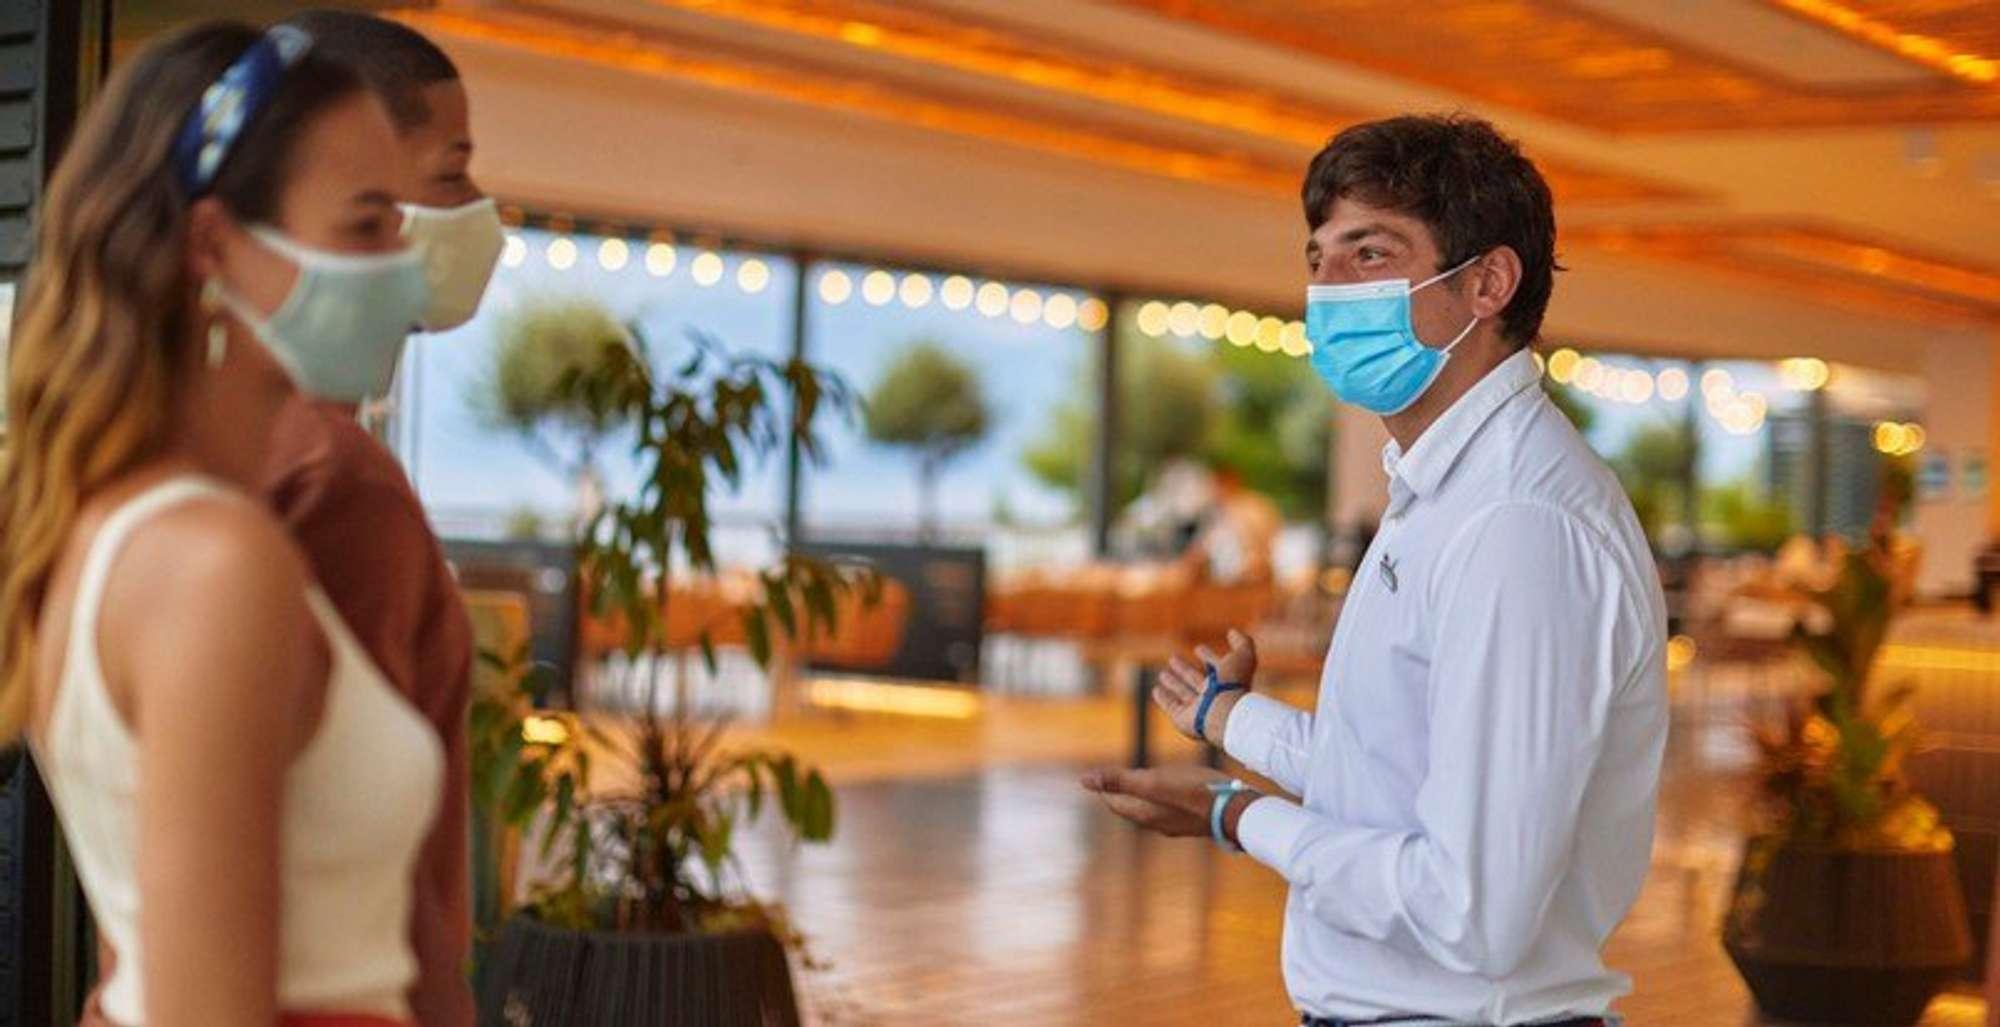 Safe Together measures at Club Med Resorts